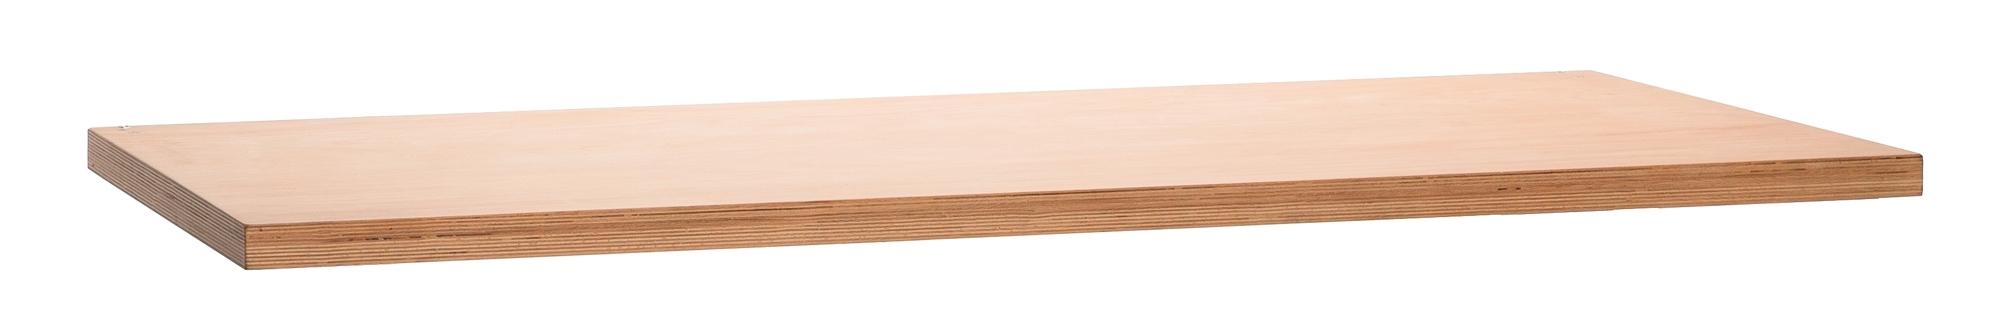 pracovní deska UNIOR 1500x750x40 mm, dřevěná